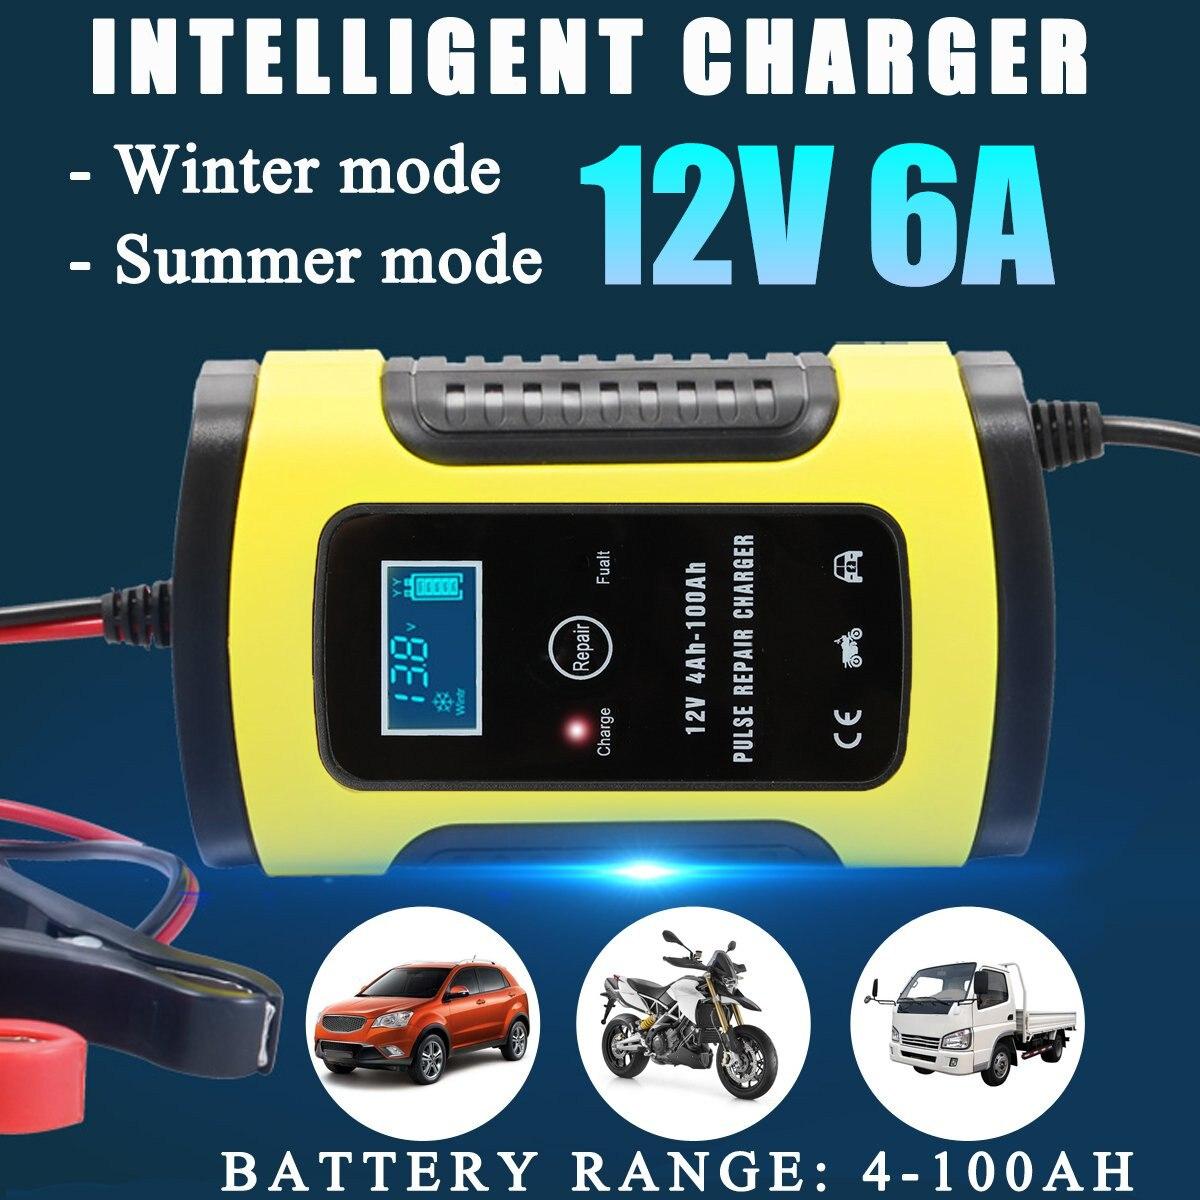 12V 6A Reparatie Lcd Battery Charger Smart Fast Voor Auto Motorfiets Reparatie Type Loodaccu Agm Gel Nat batterijen Opladen